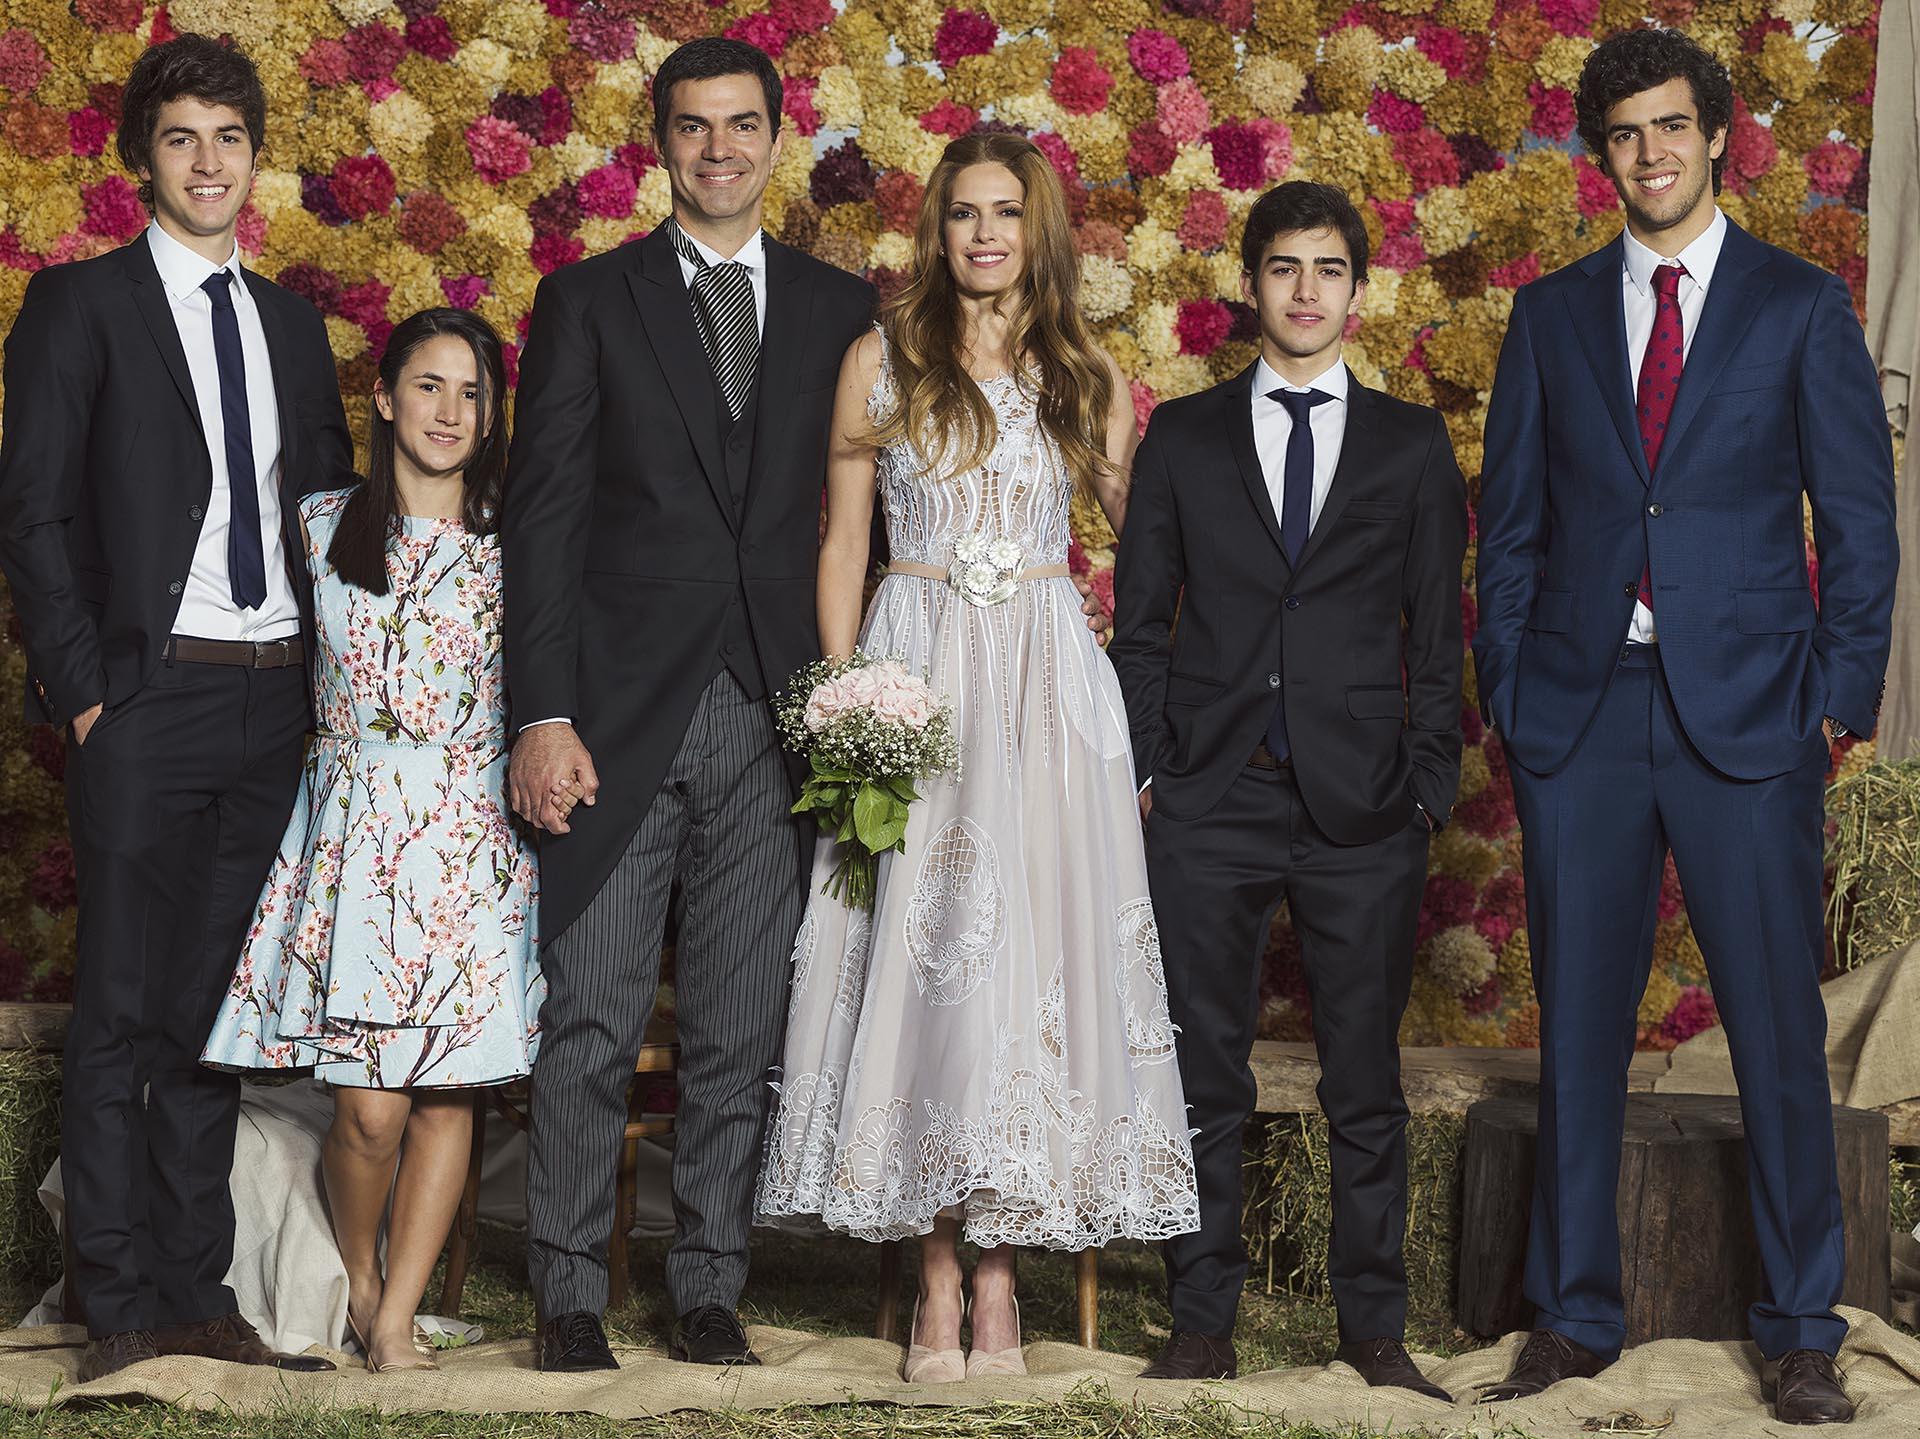 Los hijos del gobernador, Lucas, Juana, Mateo y Marcos Urtubey, lo acompañaron en su boda.